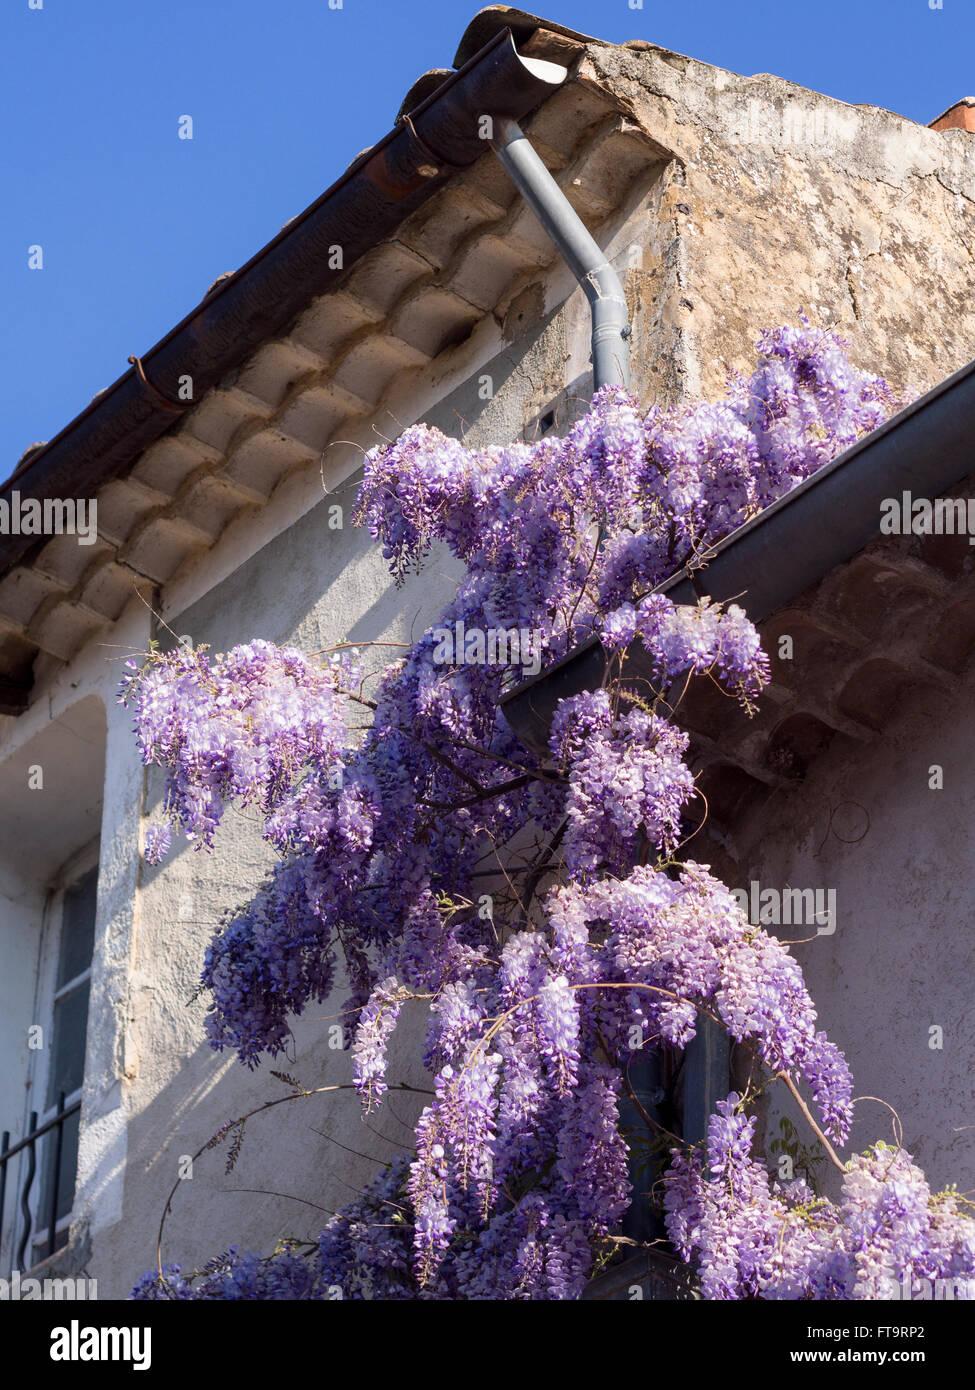 Tuyau de vidange de drapés de glycines. Une glycine en fleurs extravagantes remonte un tuyau de vidange sur Photo Stock